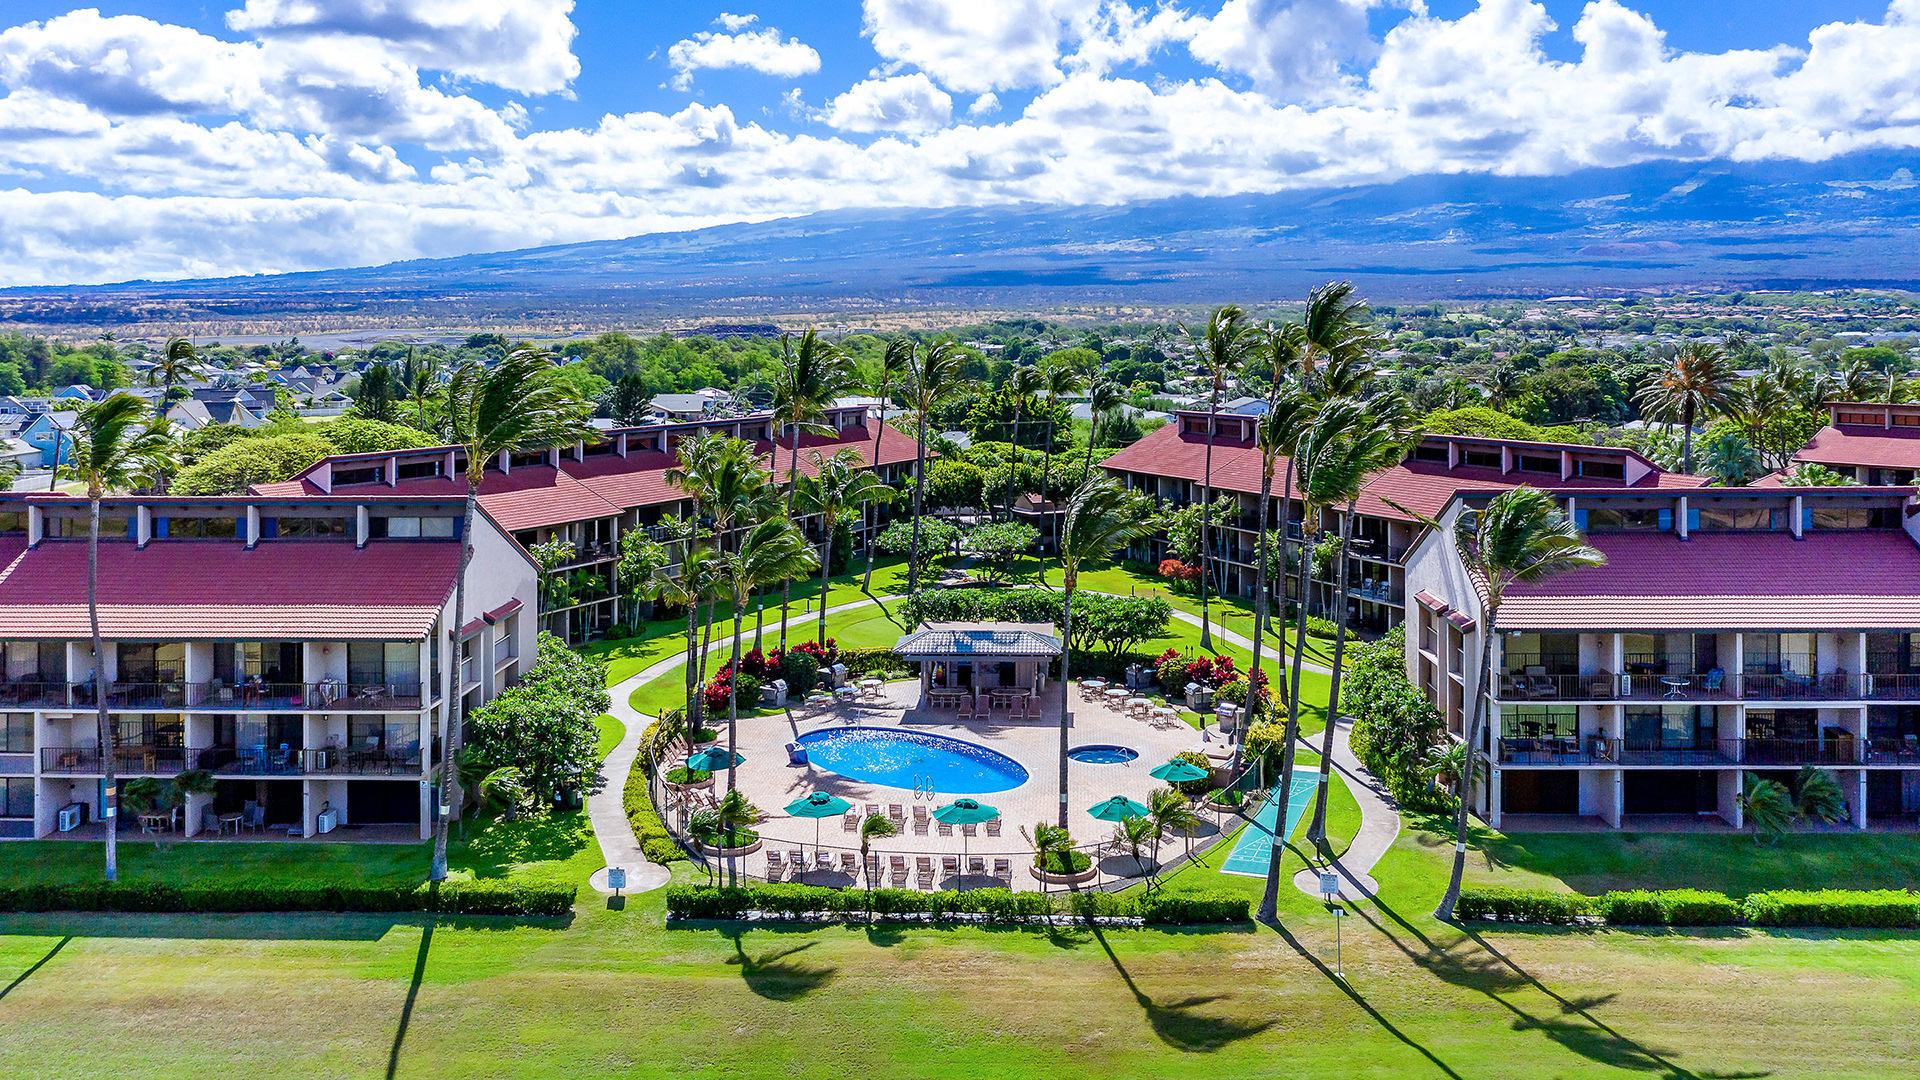 Luan Kai Resort on Maui with Haleakala